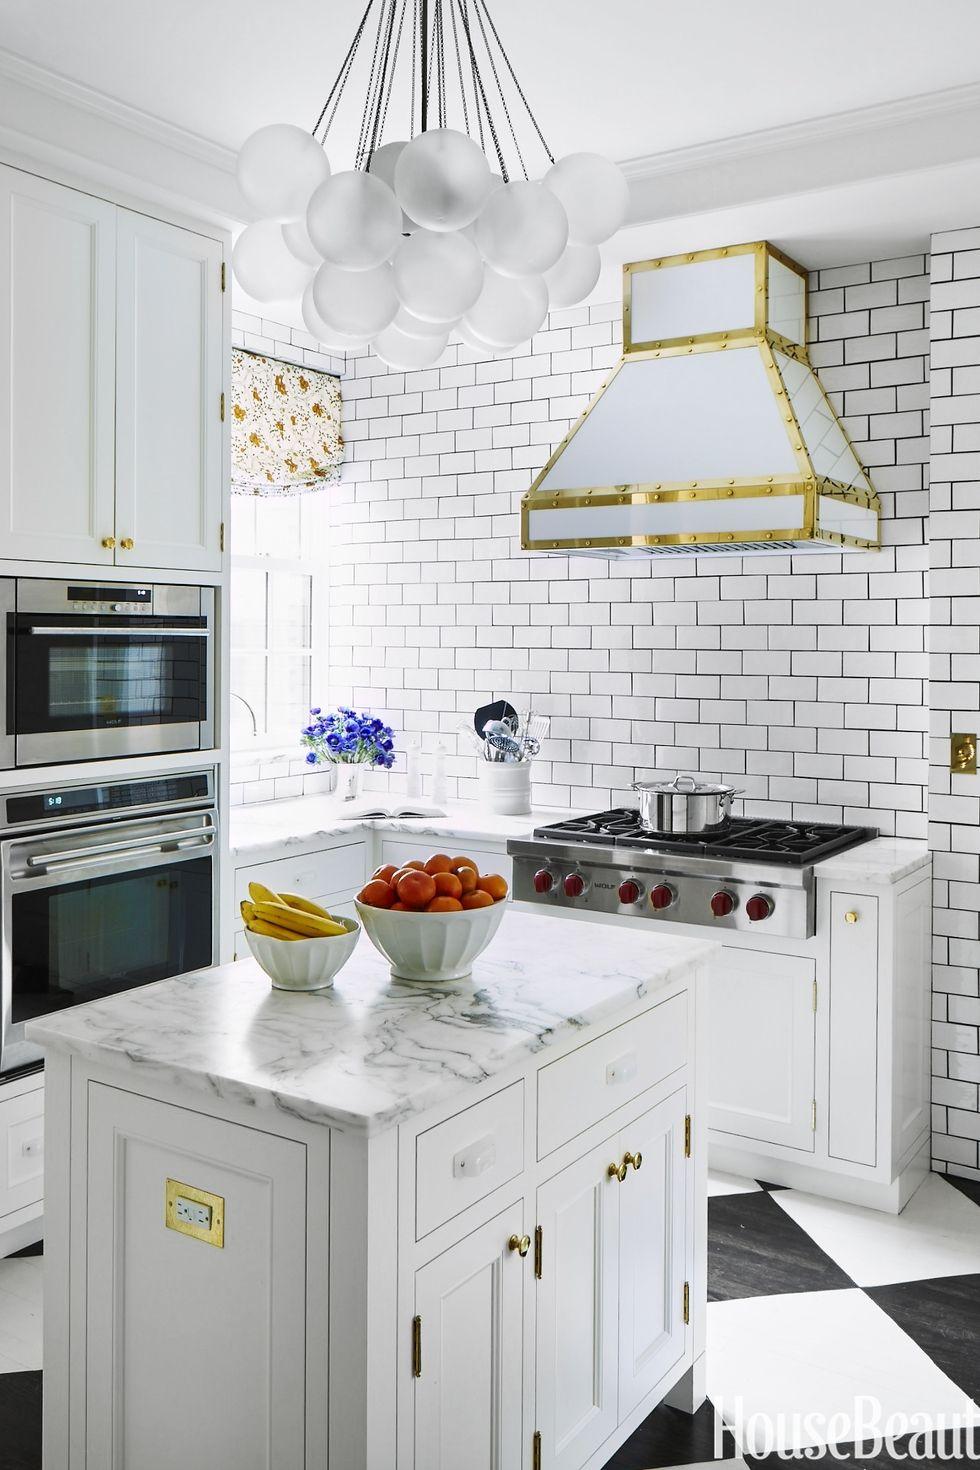 celerie-kemble-kitchen.jpg